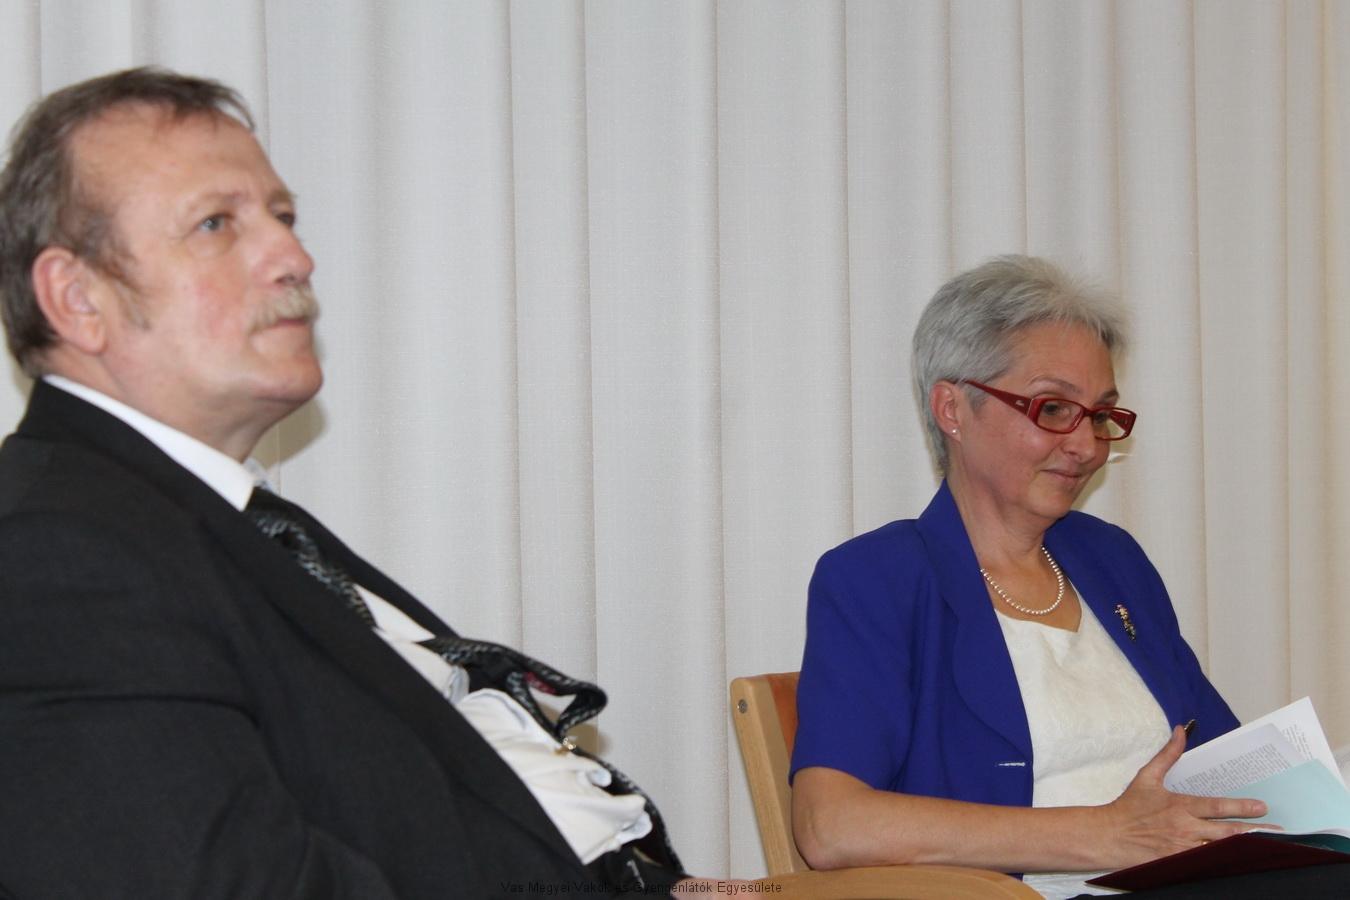 Bal oldalt Fekete Árpád látható, jobb oldalon pedig Kormosné Bloch Györgyi. Kormosné tartotta az előadást május 11-én a Könyvtárban. Előadásában mesélt arról, hogy hogyan is vált segítővé. Beszélt a betegségéről, arról, hogy hogyan állt fel belőle.